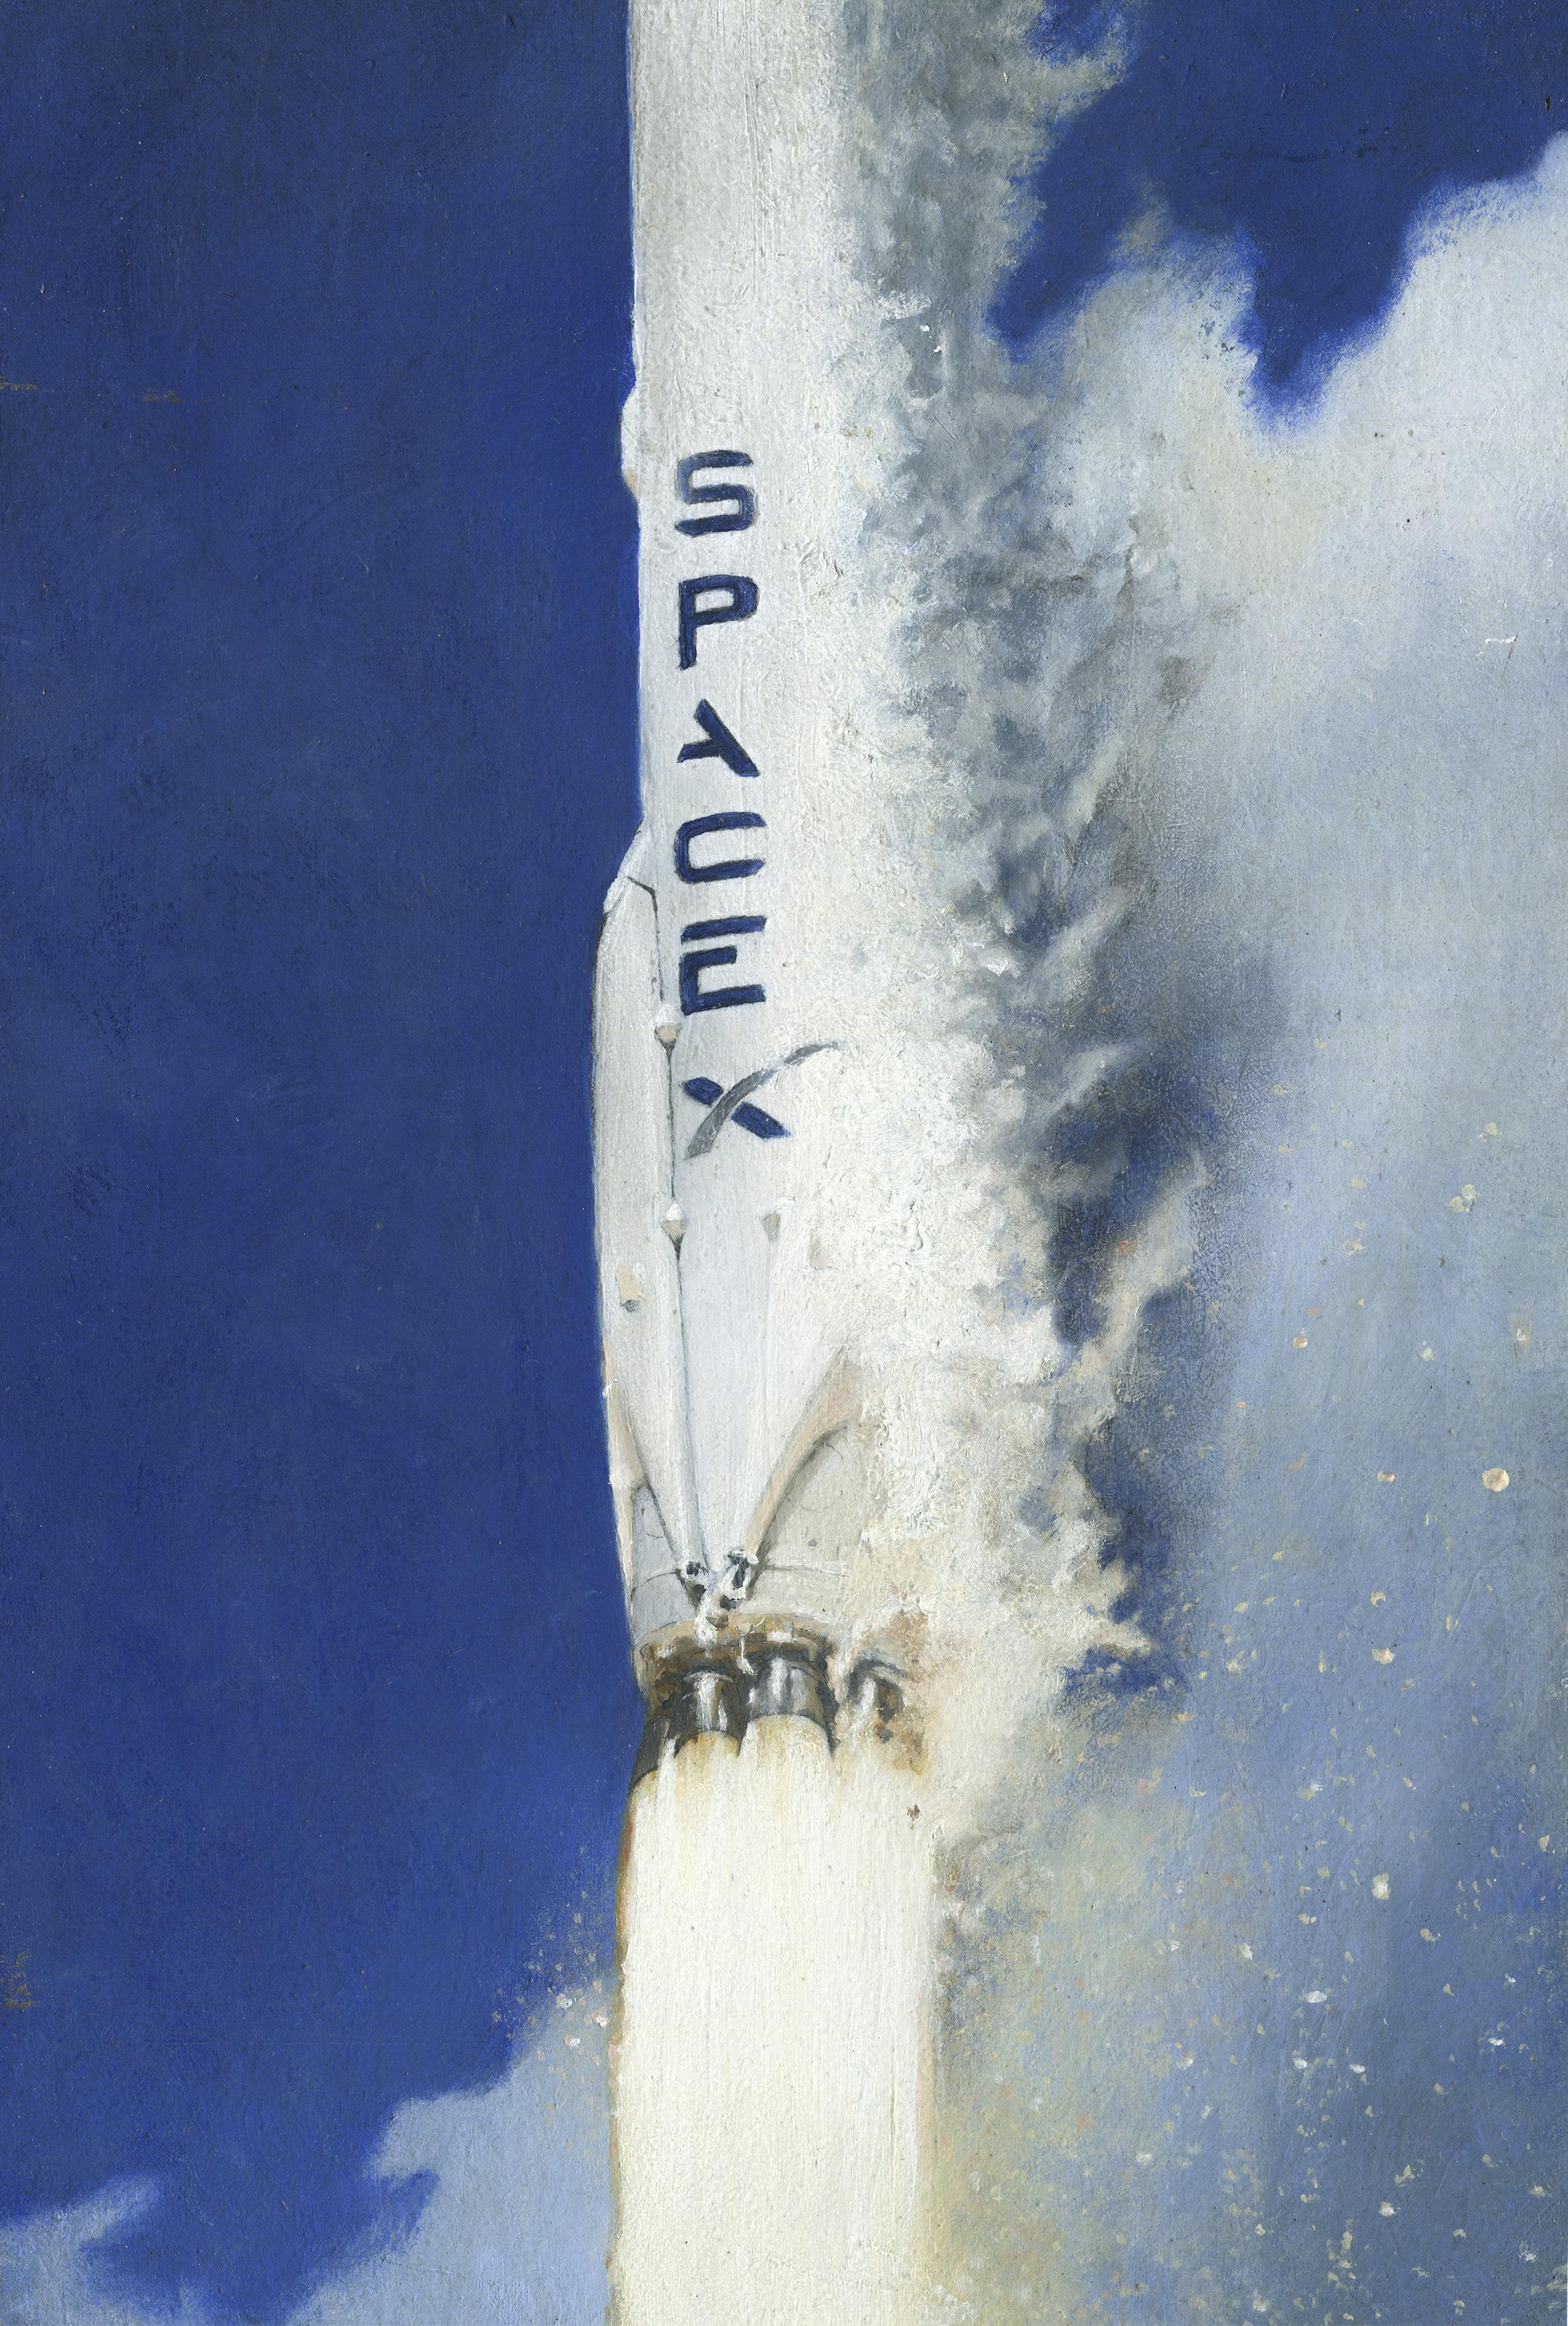 Spacex_1.jpg